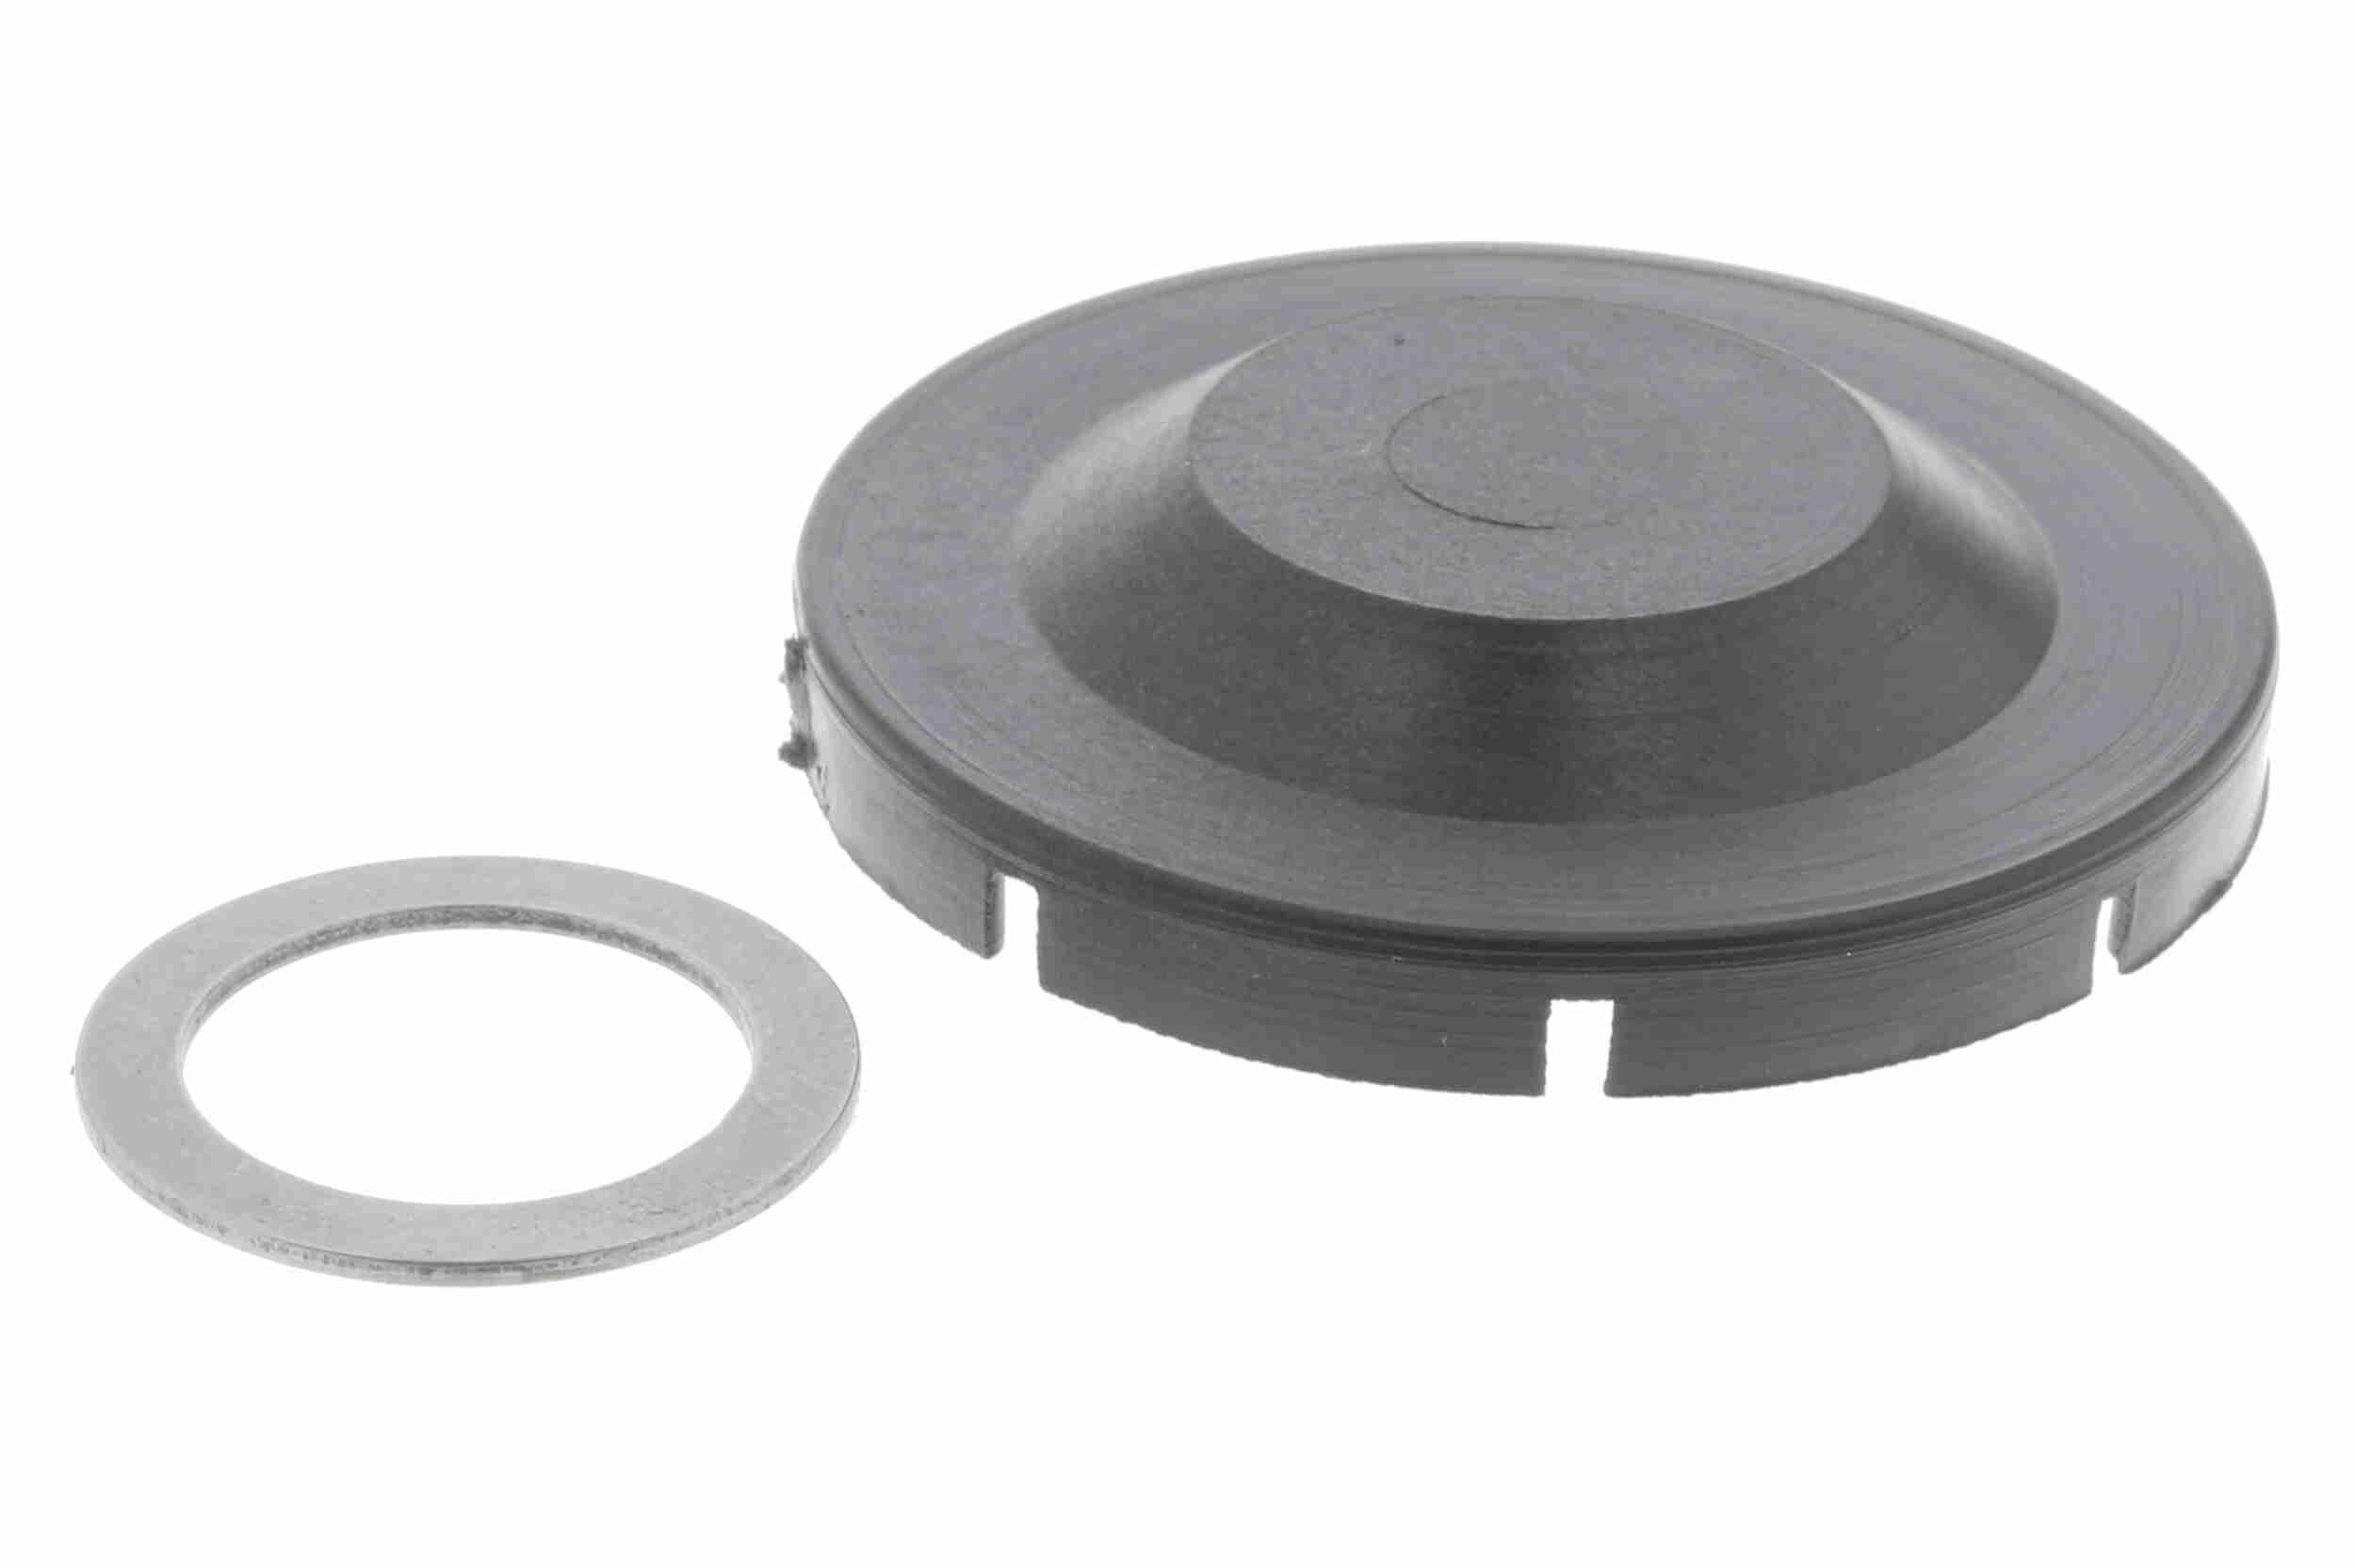 Umlenkrolle Keilrippenriemen VAICO V45-0103 Bewertung